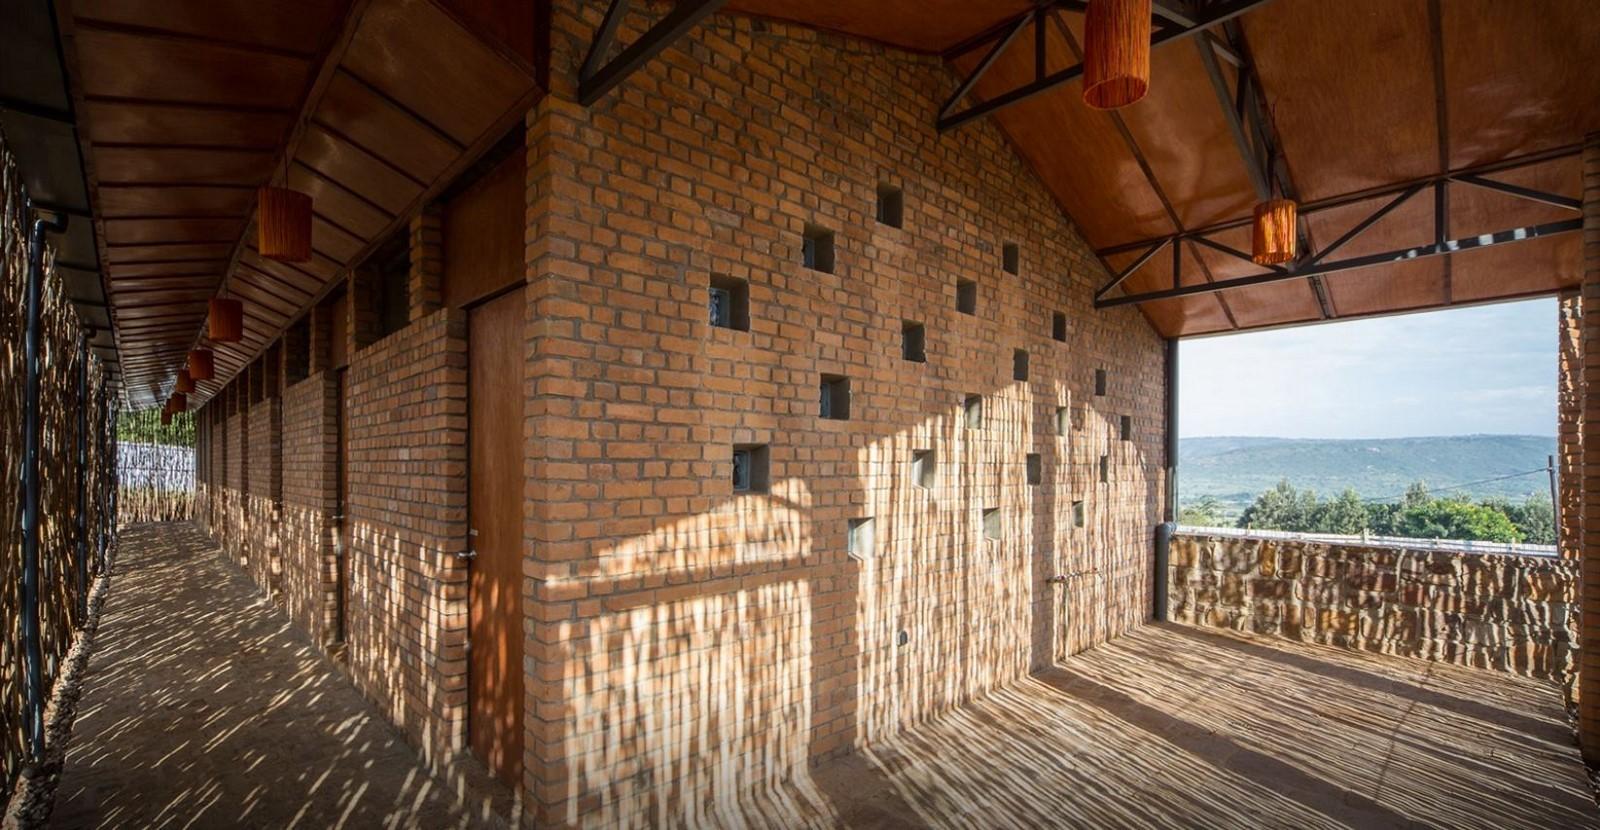 Rwandan Share Houses - Rwinkwavu, Rwanda - Sheet2